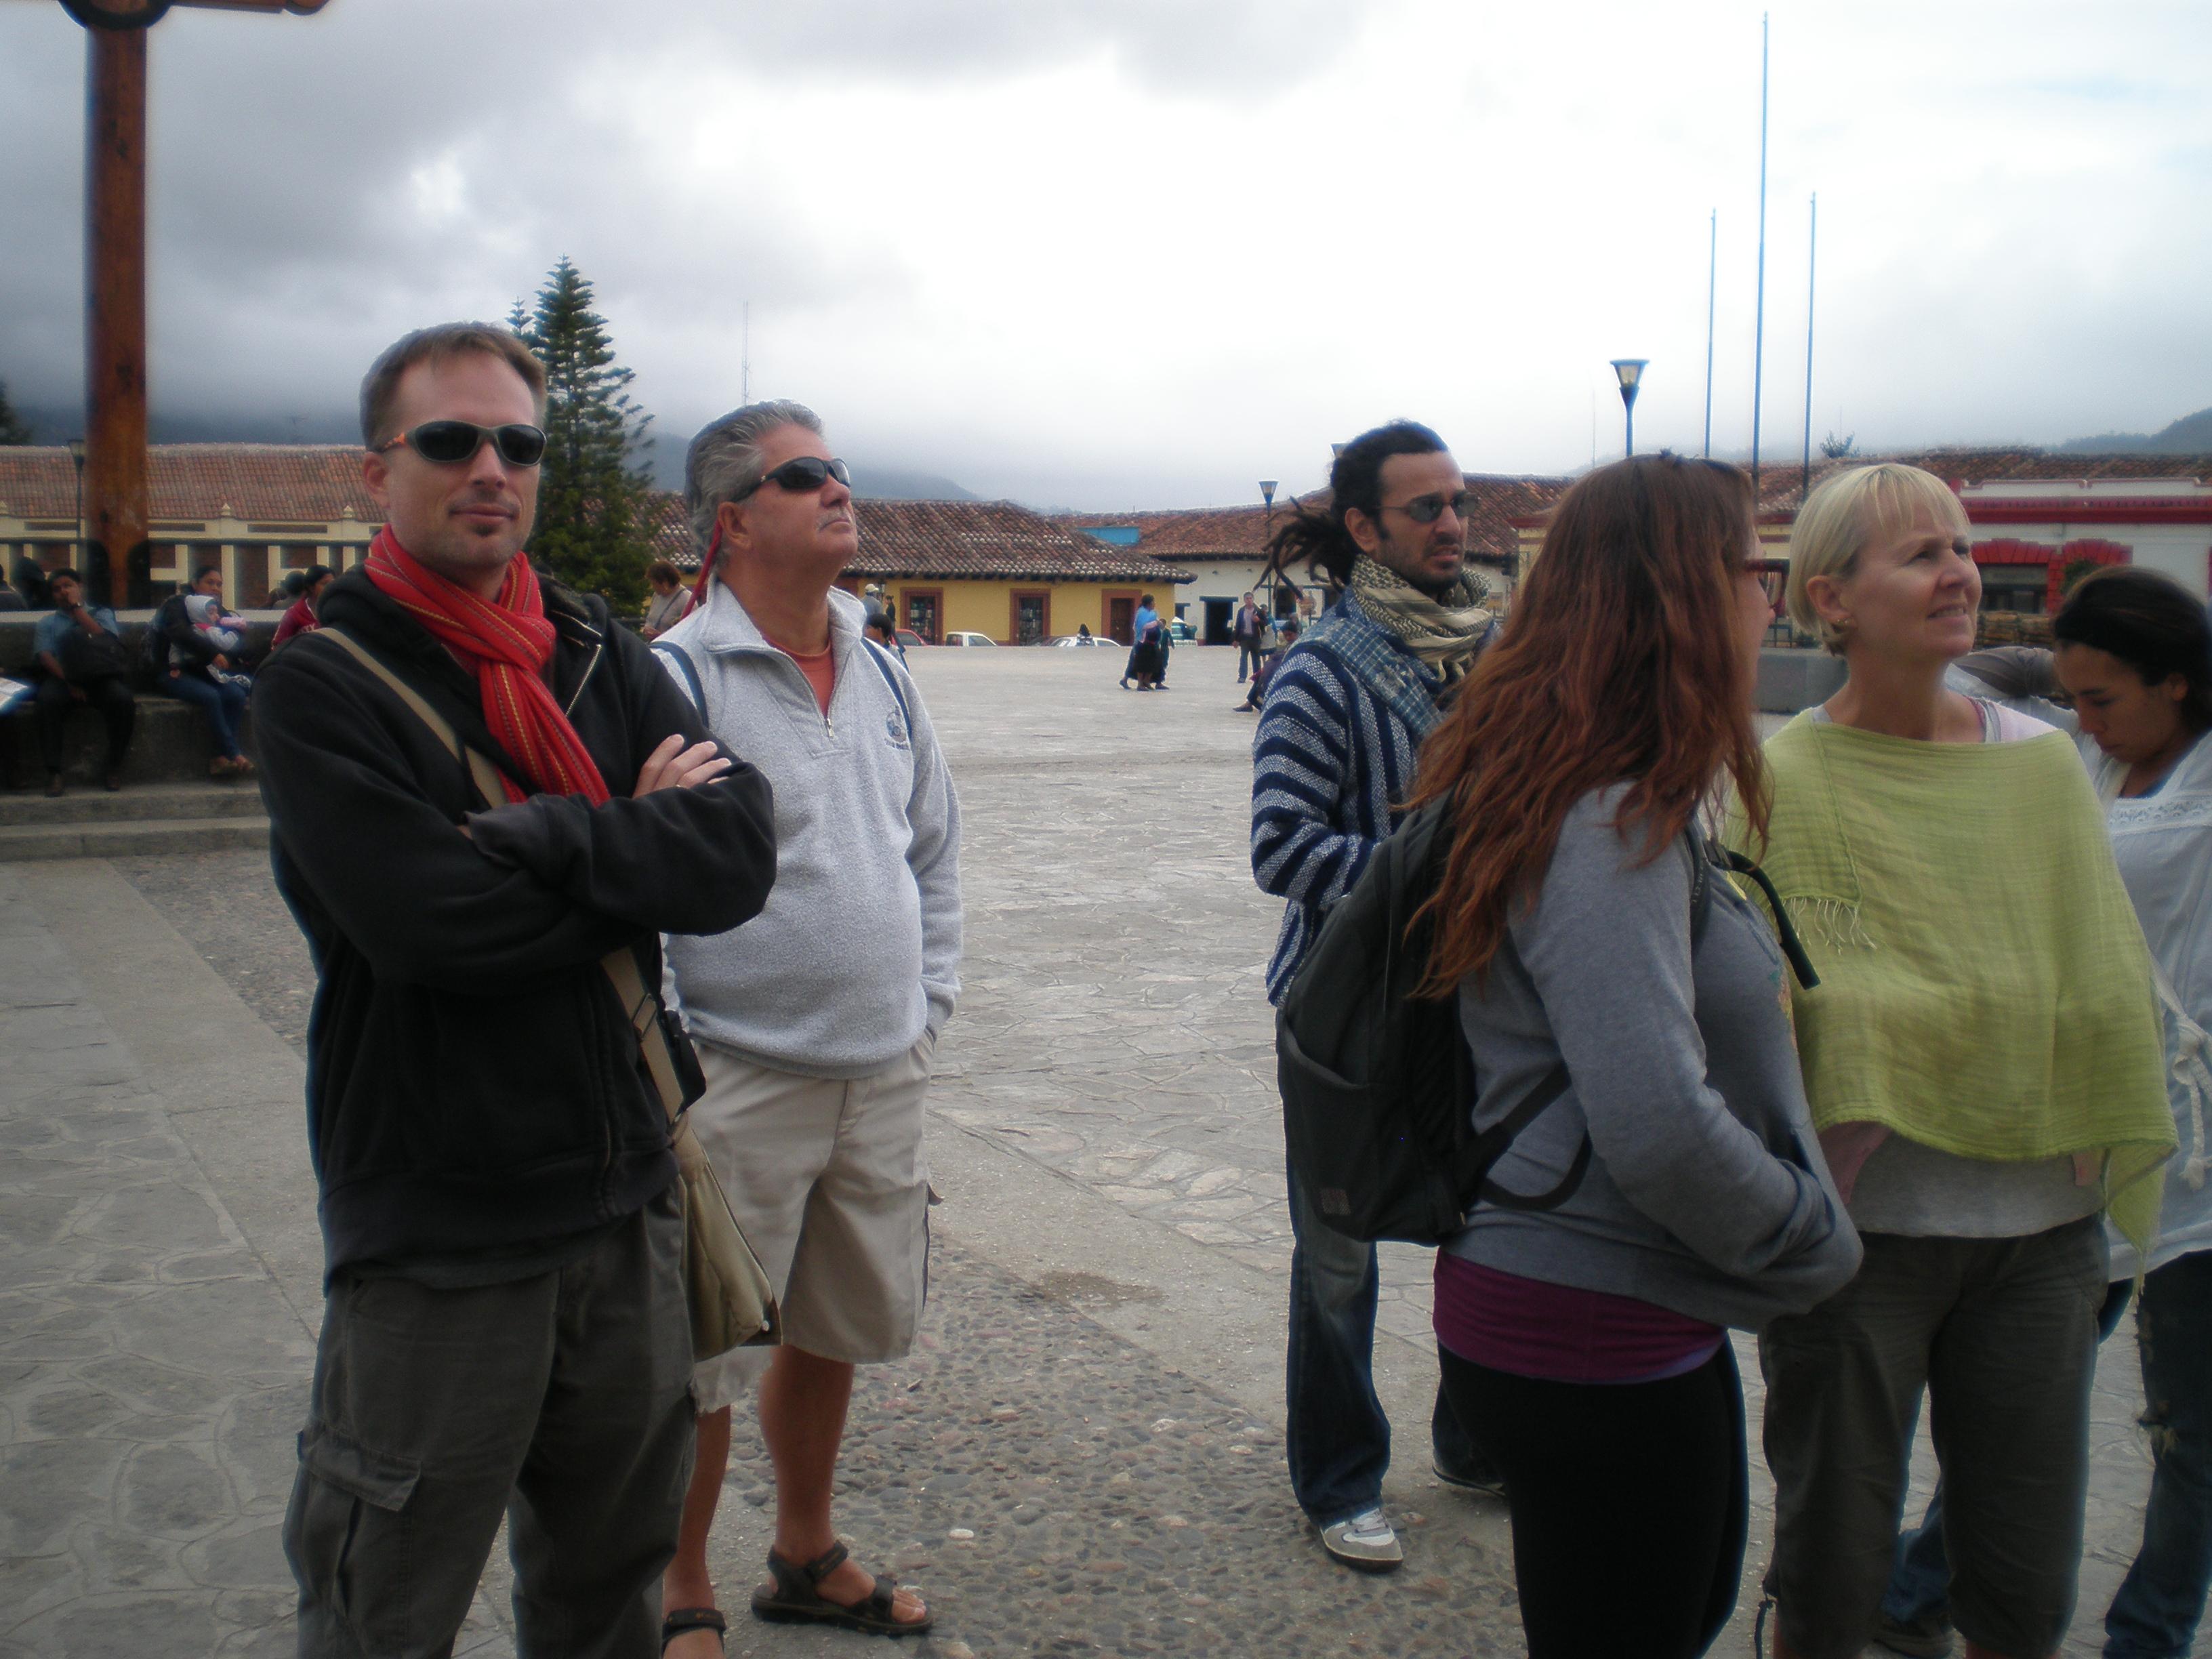 Destination Freedom group in San Cristobal de las Casas